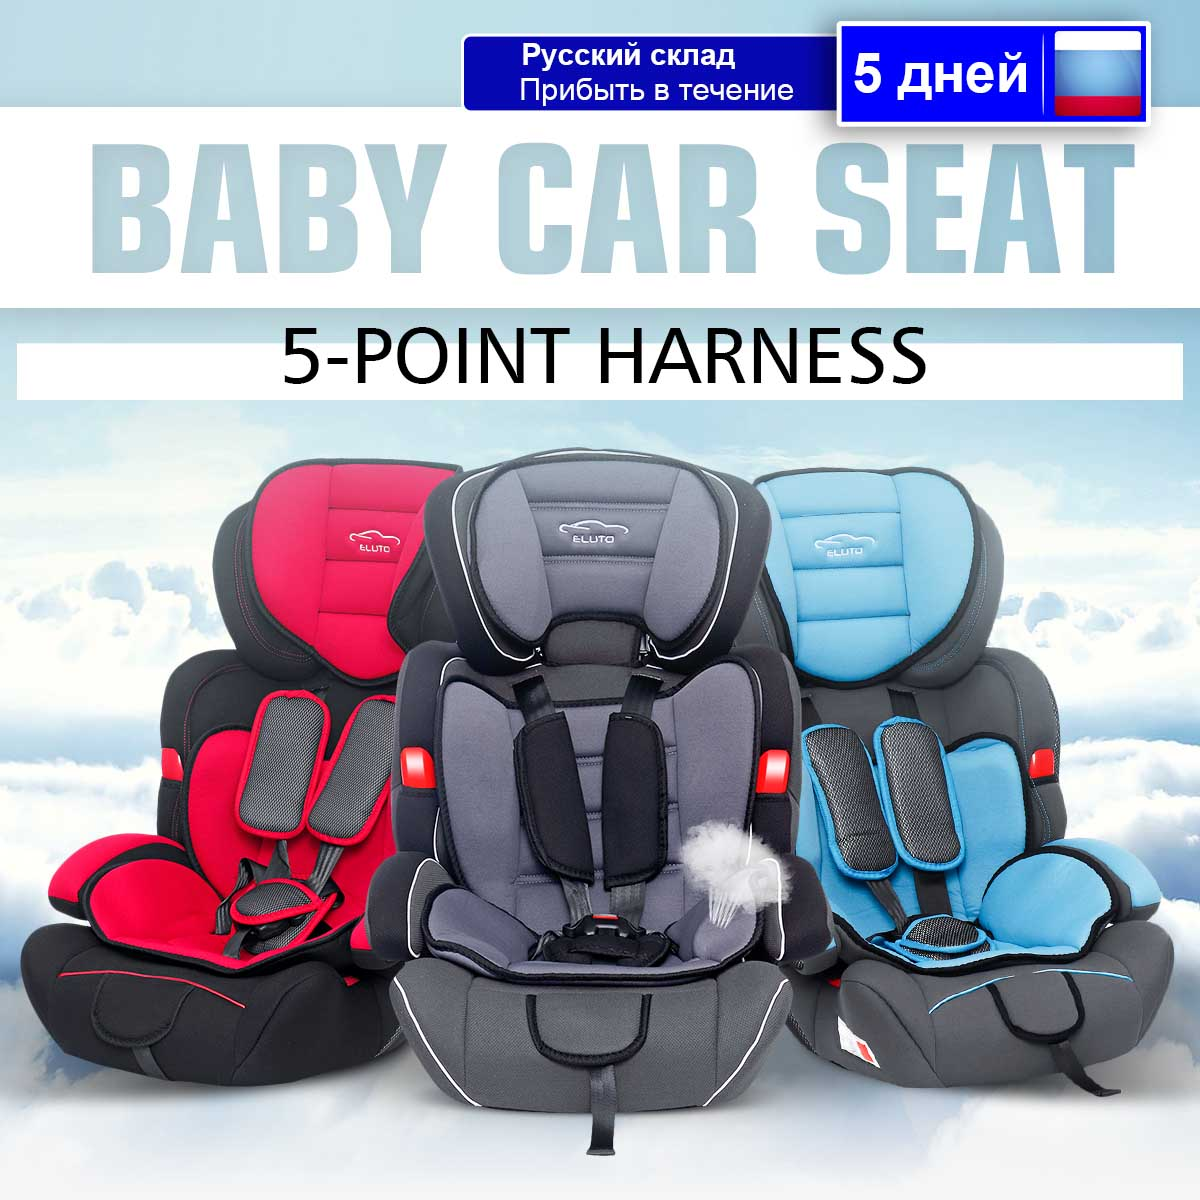 3 couleurs siège auto bébé siège sécurité enfants sièges enfant pour 9-36 KG groupe 1/2/3 cinq points harnais bébé rehausseurs 9months-12years